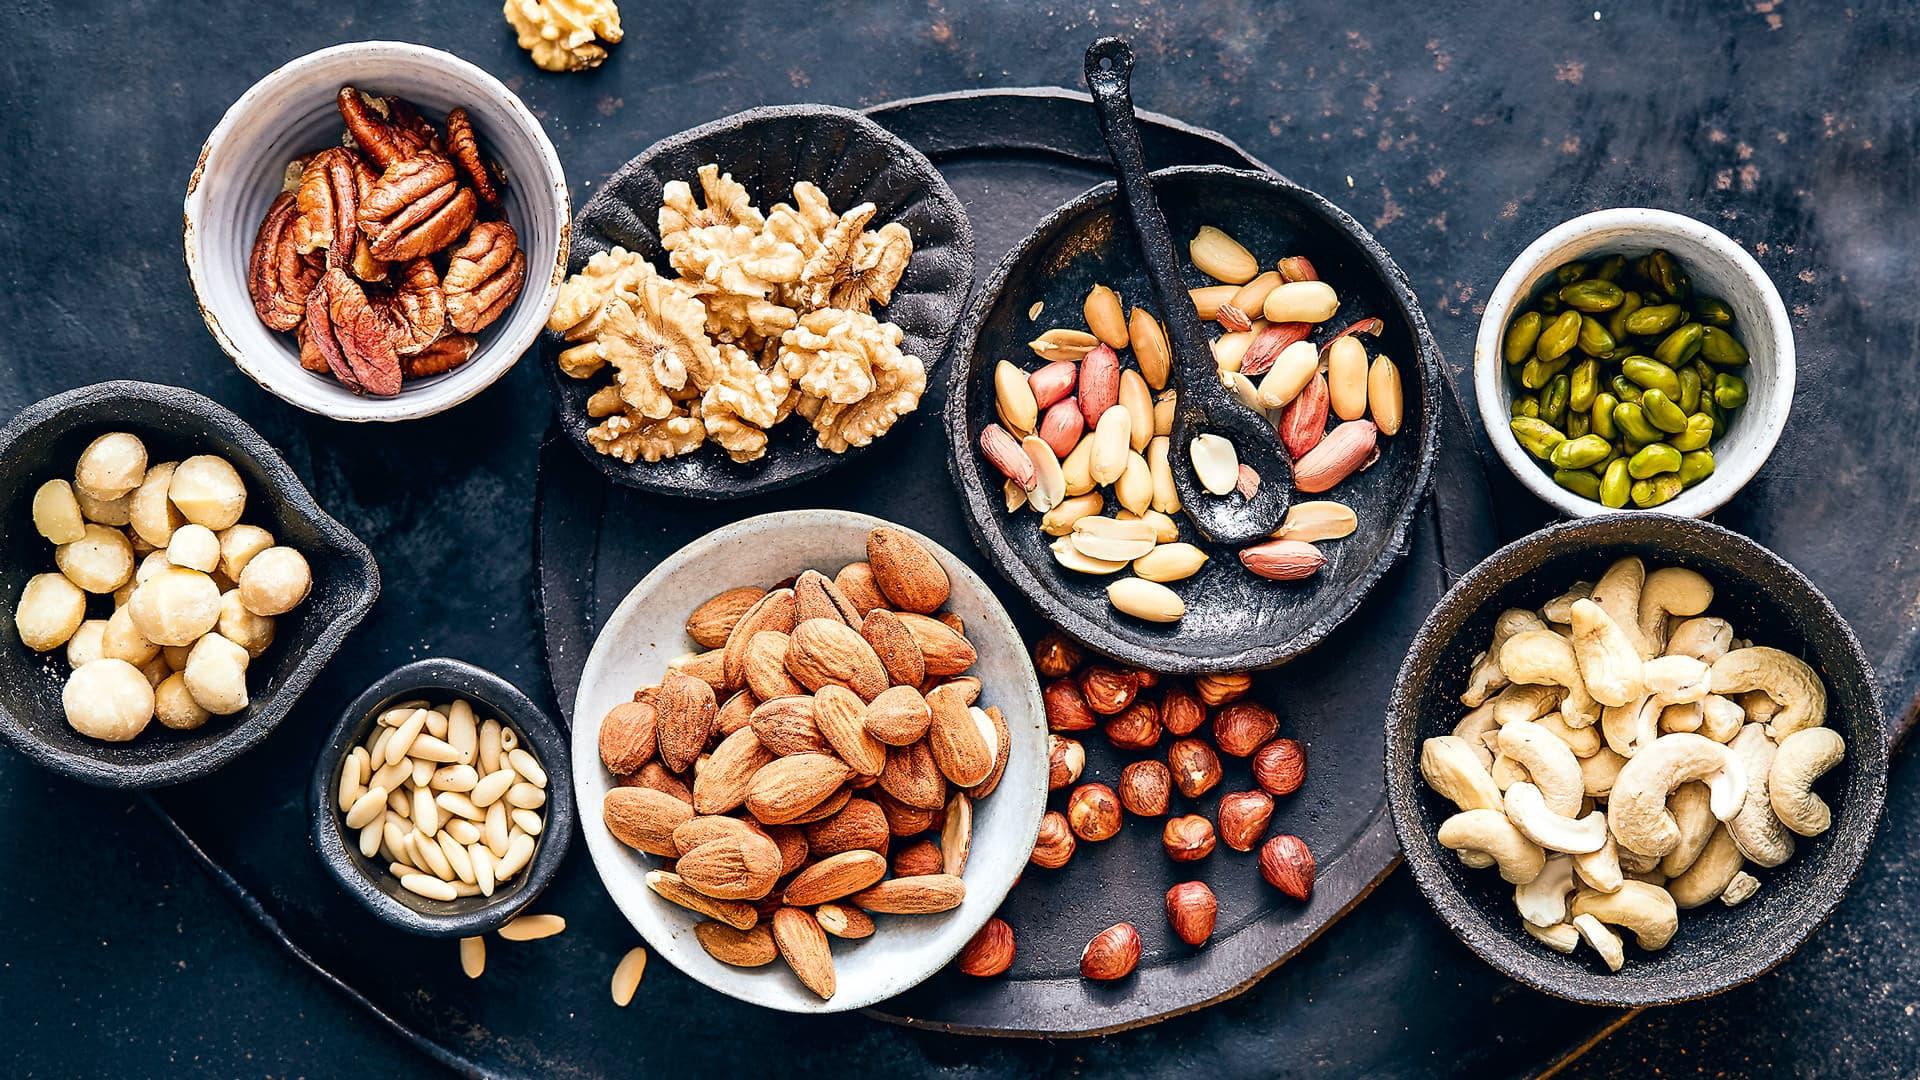 Walnüsse, Mandeln, Haselnüsse, Cashewkerne, Pistazien, Macadamia, Pinienkerne